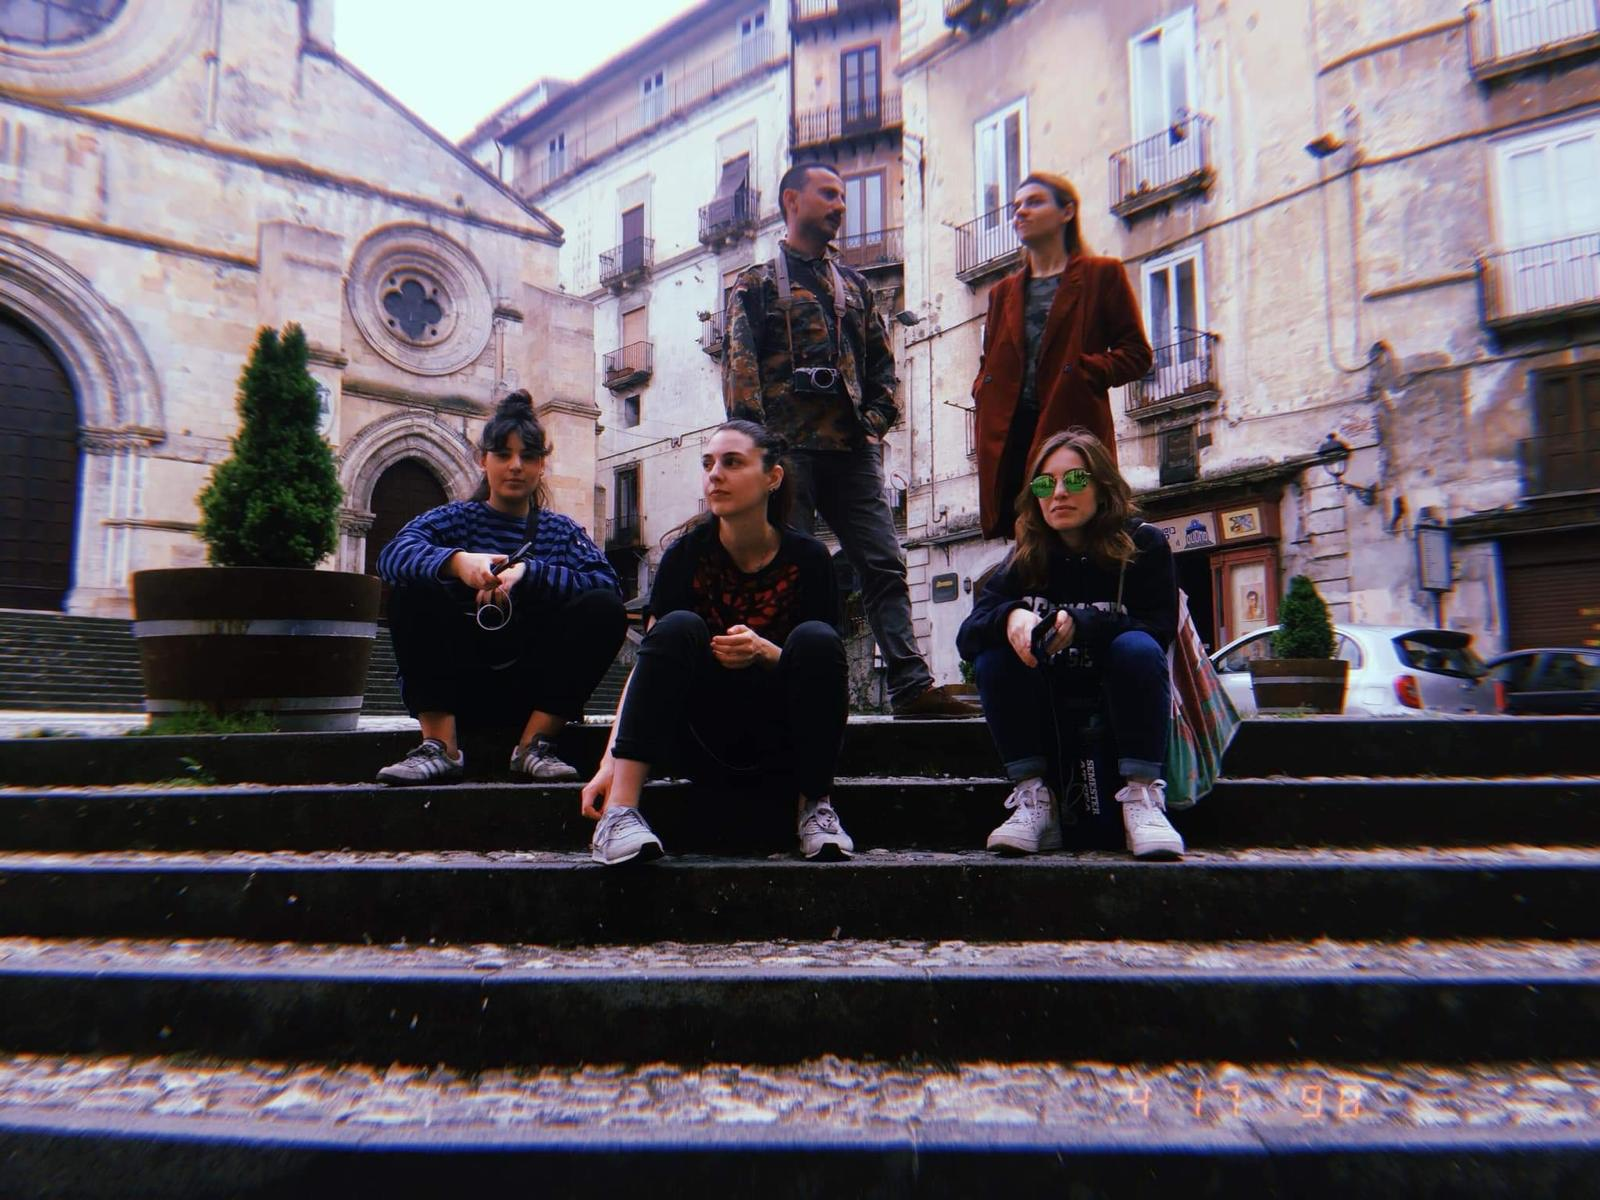 alcuni degli artisti georgiani in Piazza Duomo